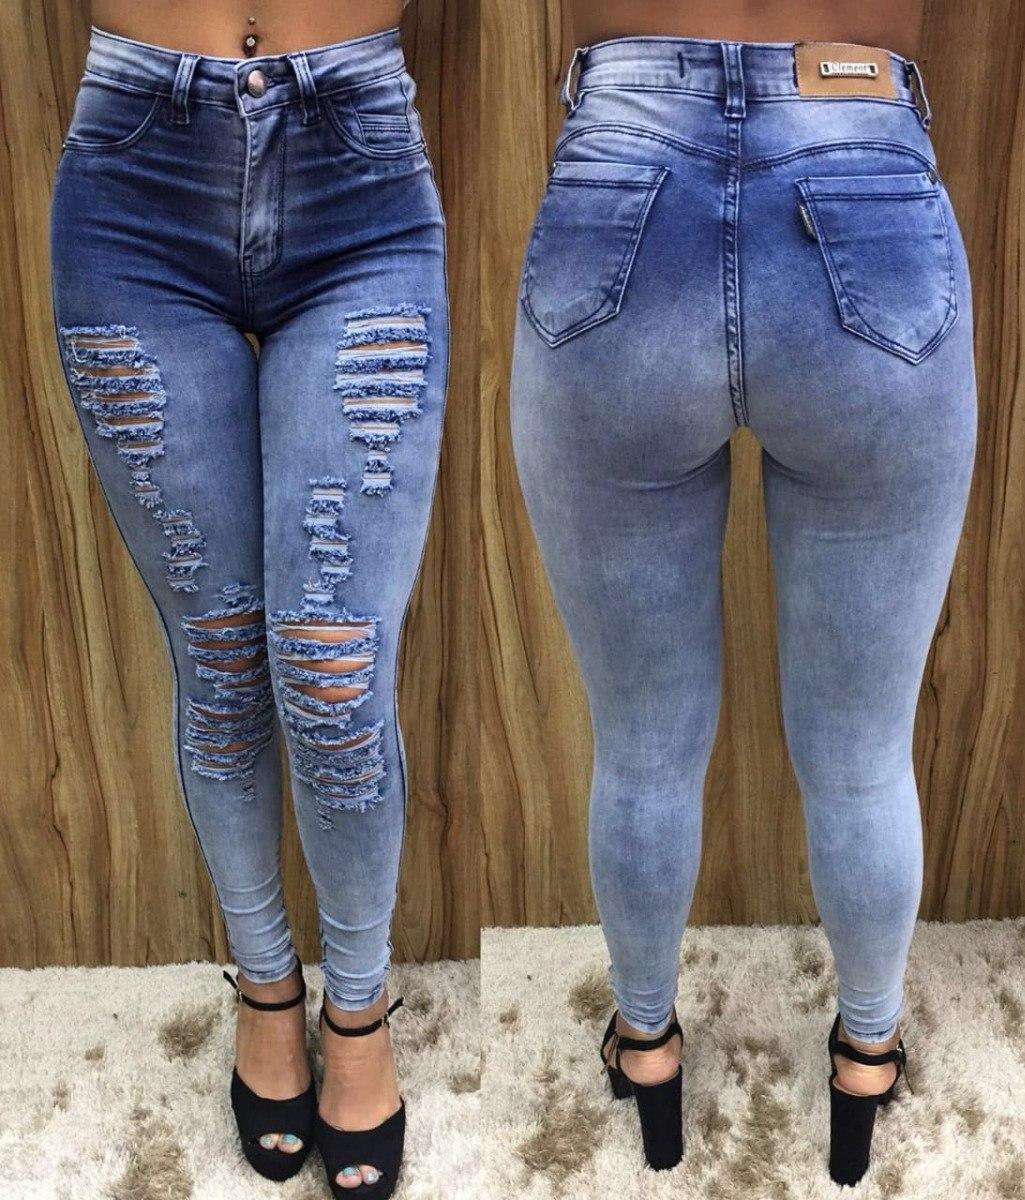 773bd0c98 calça jeans feminina cintura alta rasgada destroyed original. Carregando  zoom.